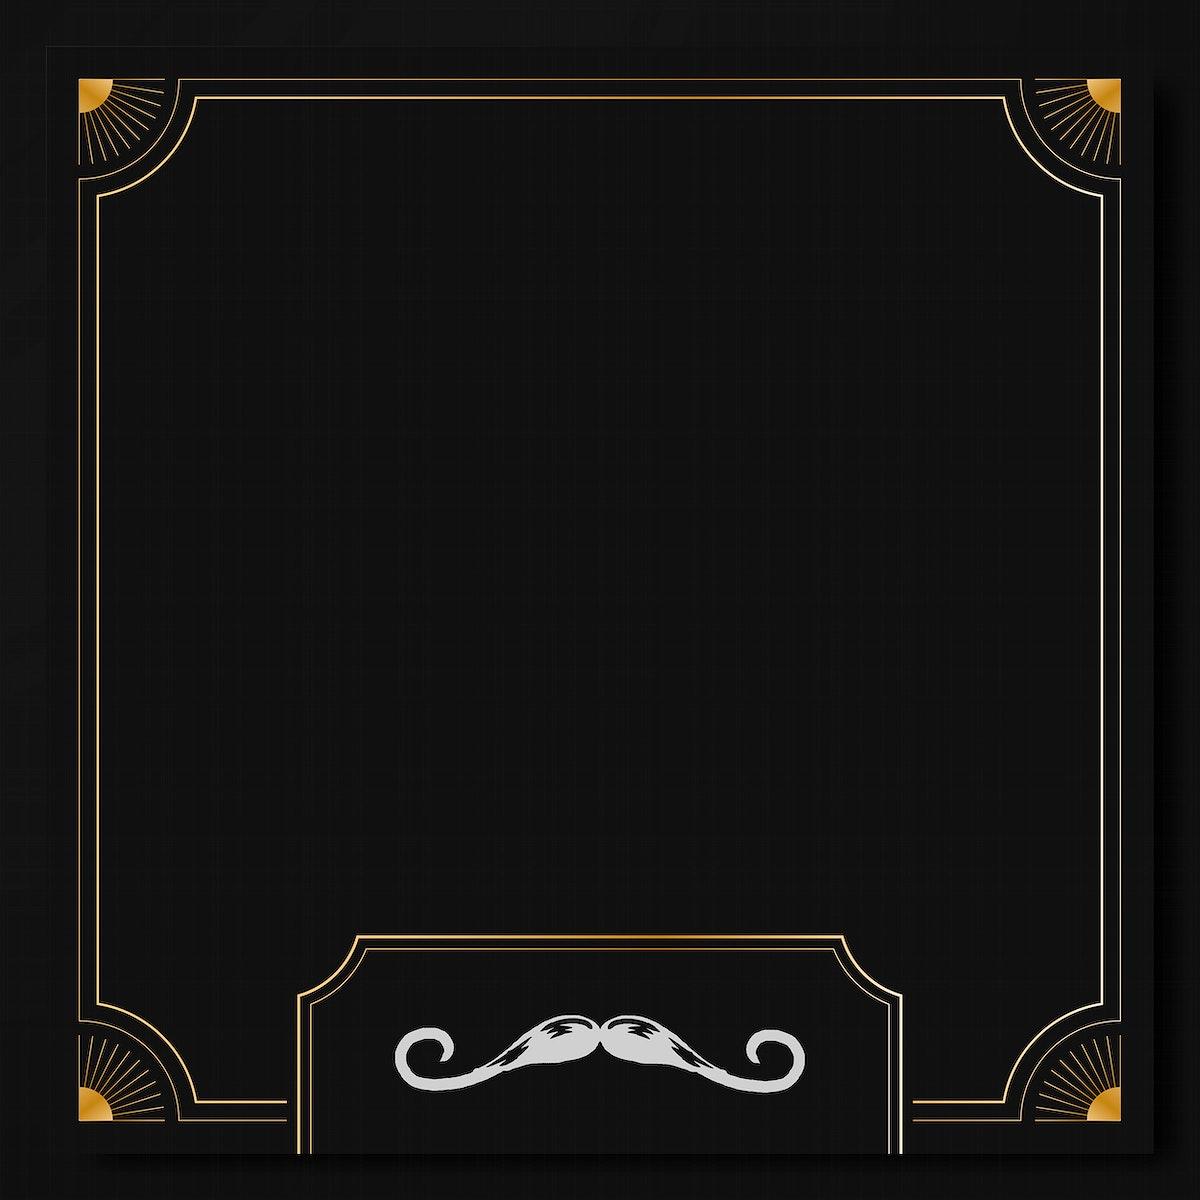 Movember vintage frame design vector